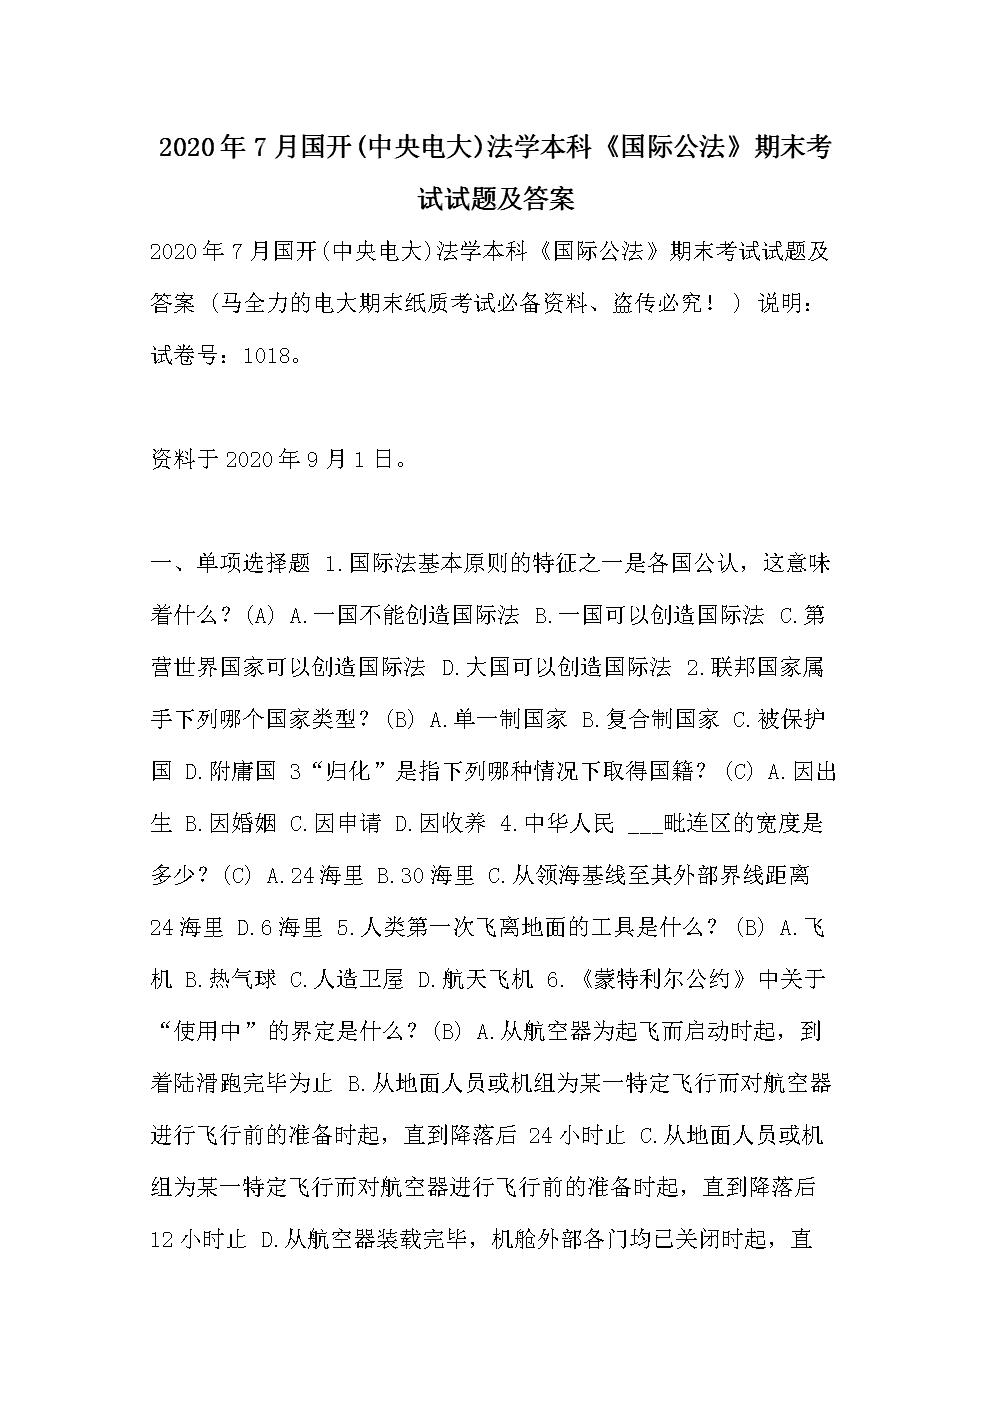 2020年7月国开(中央电大)法学本科《国际公法》期末考试试题及答案.doc